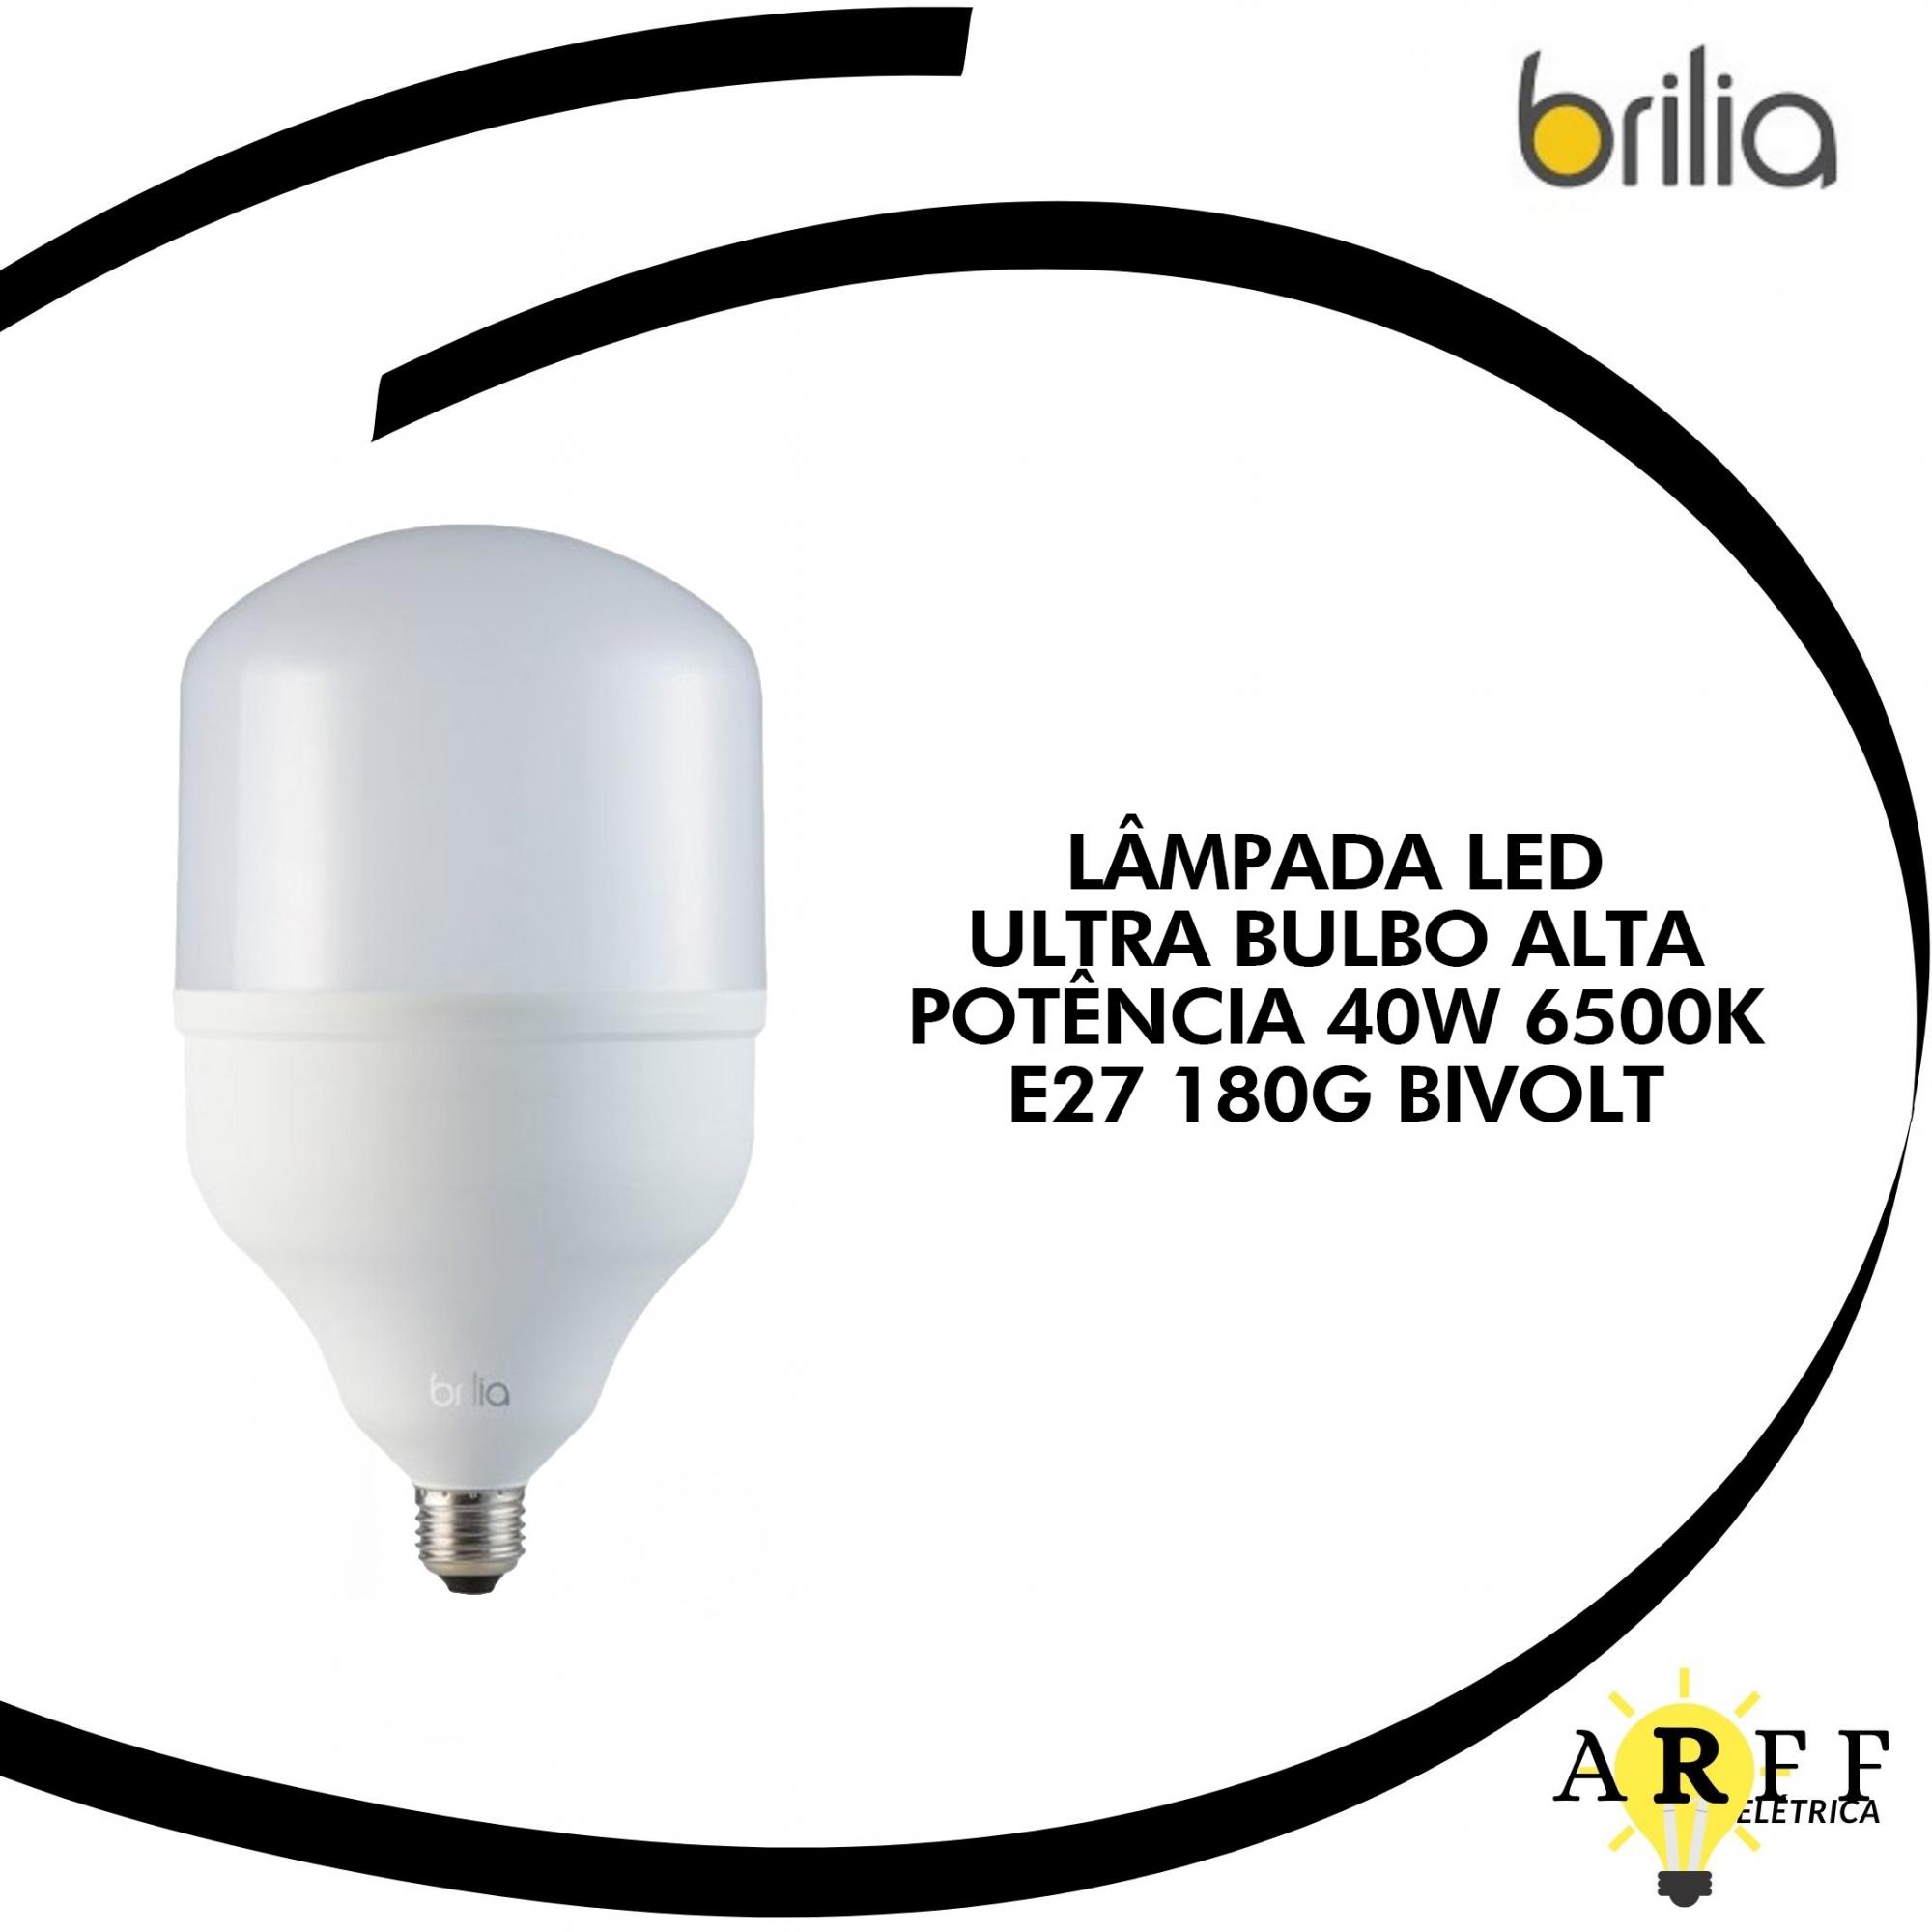 LÂMPADA LED BRILIA ULTRA BULBO ALTA POTÊNCIA 40W 6500K E27 180G BIVOLT